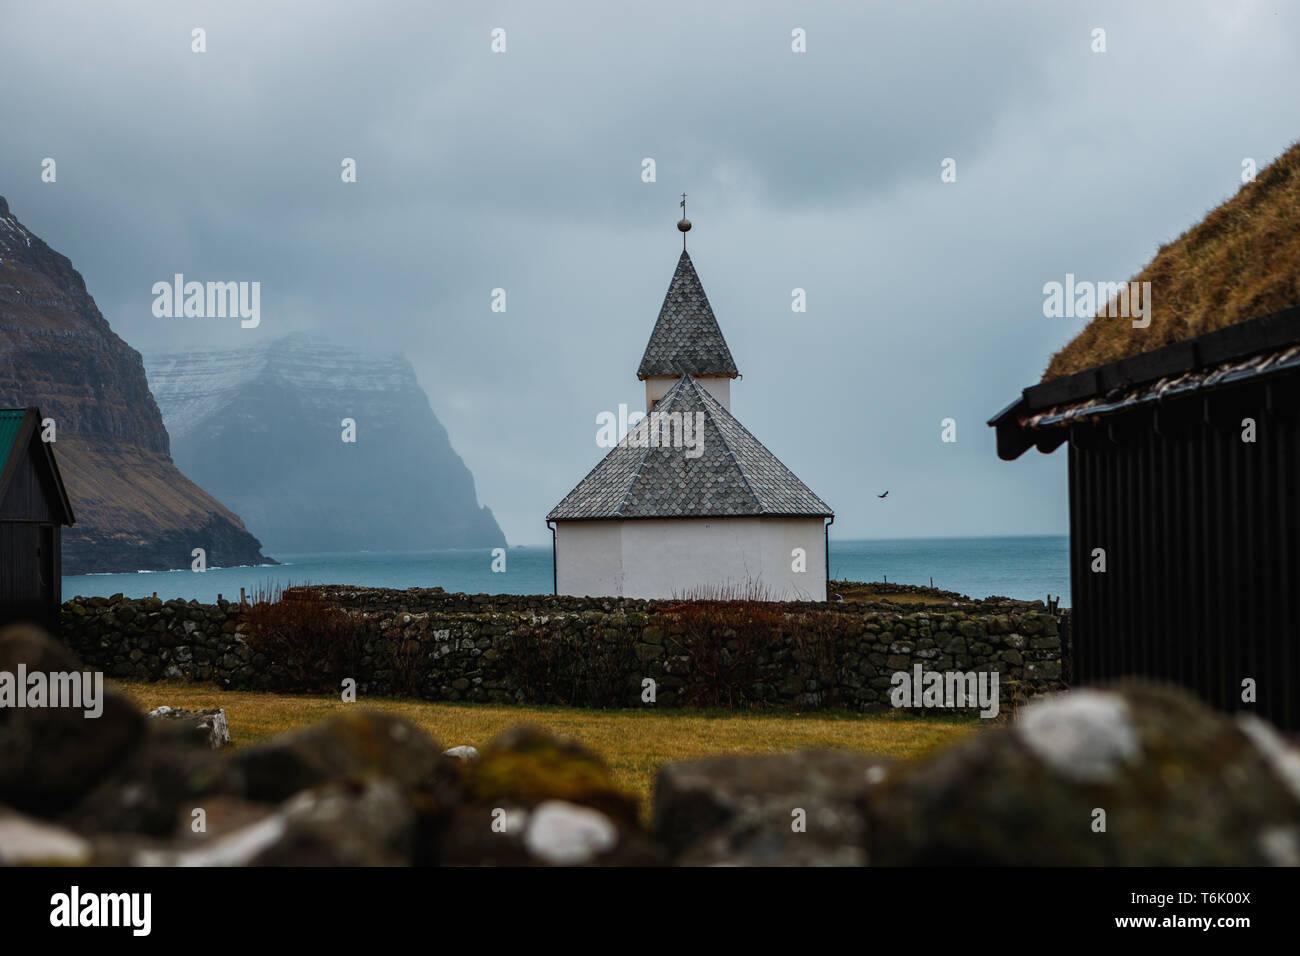 View onto the church of Viðareiði (Viðareiði Kirkja) with moody cloudy sky, fog and snow-covered mountains (Faroe Islands, Denmark, Europe) - Stock Image